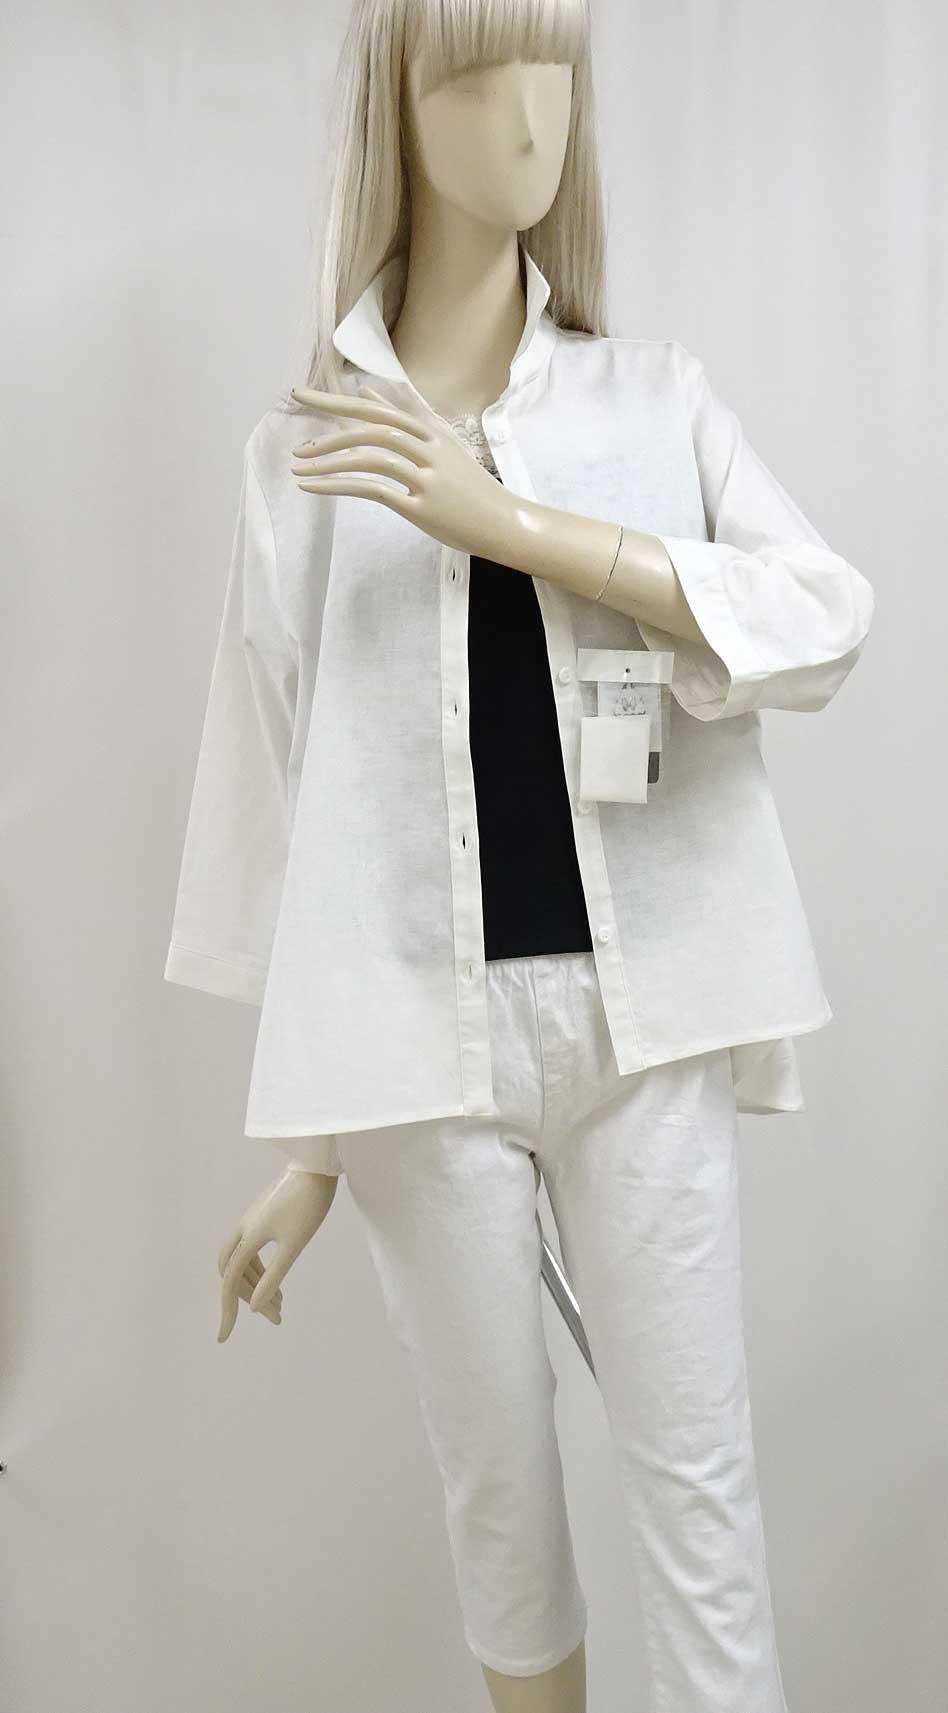 630綿麻シャツAラインの白